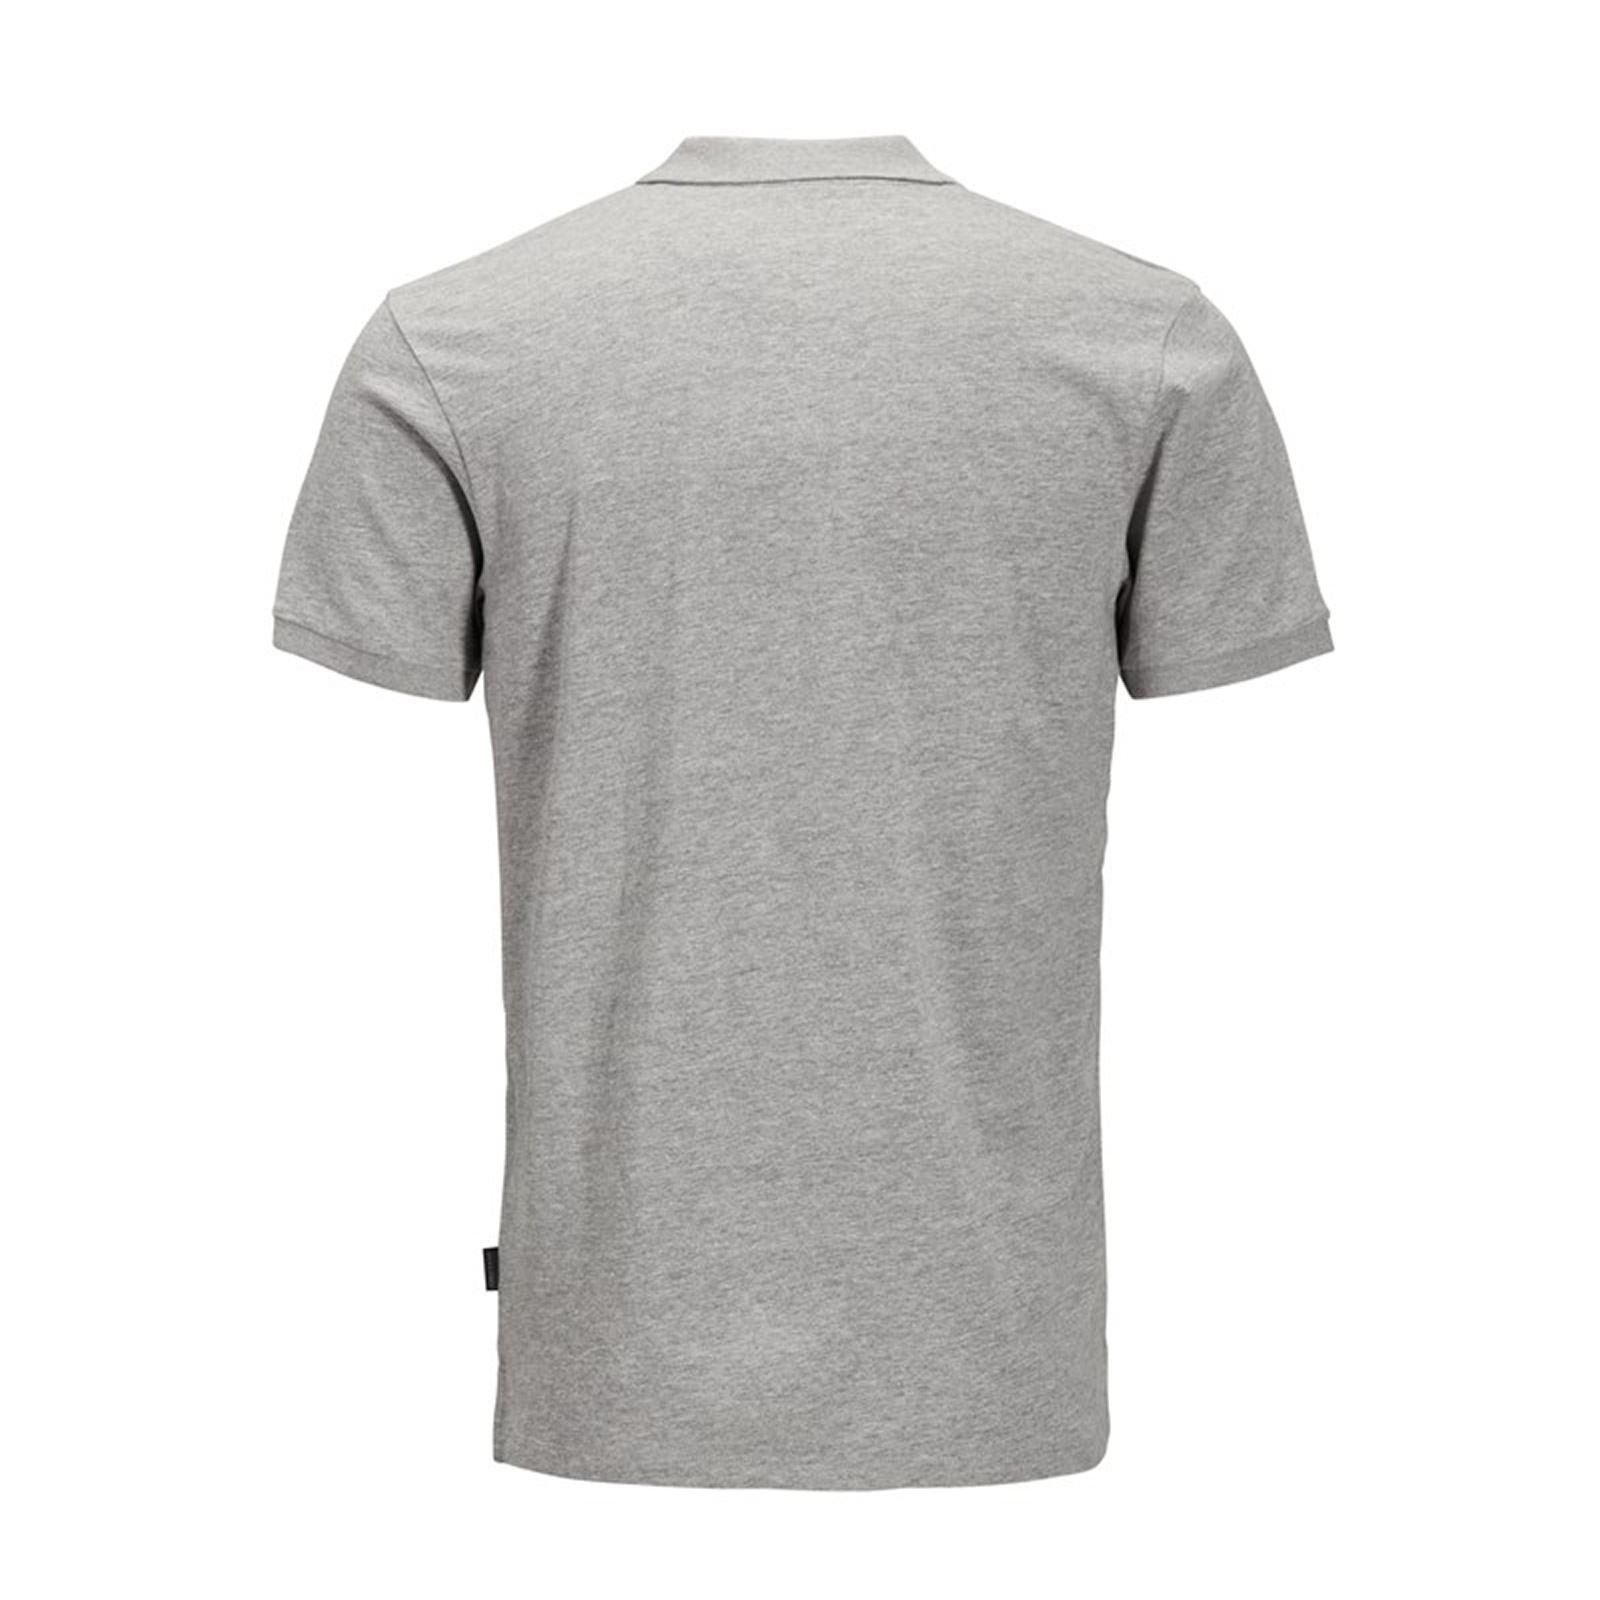 Jack-amp-Jones-Jet-Homme-Polo-T-Shirt-Jersey-Manches-Courtes-Col-Haut-Decontracte miniature 3